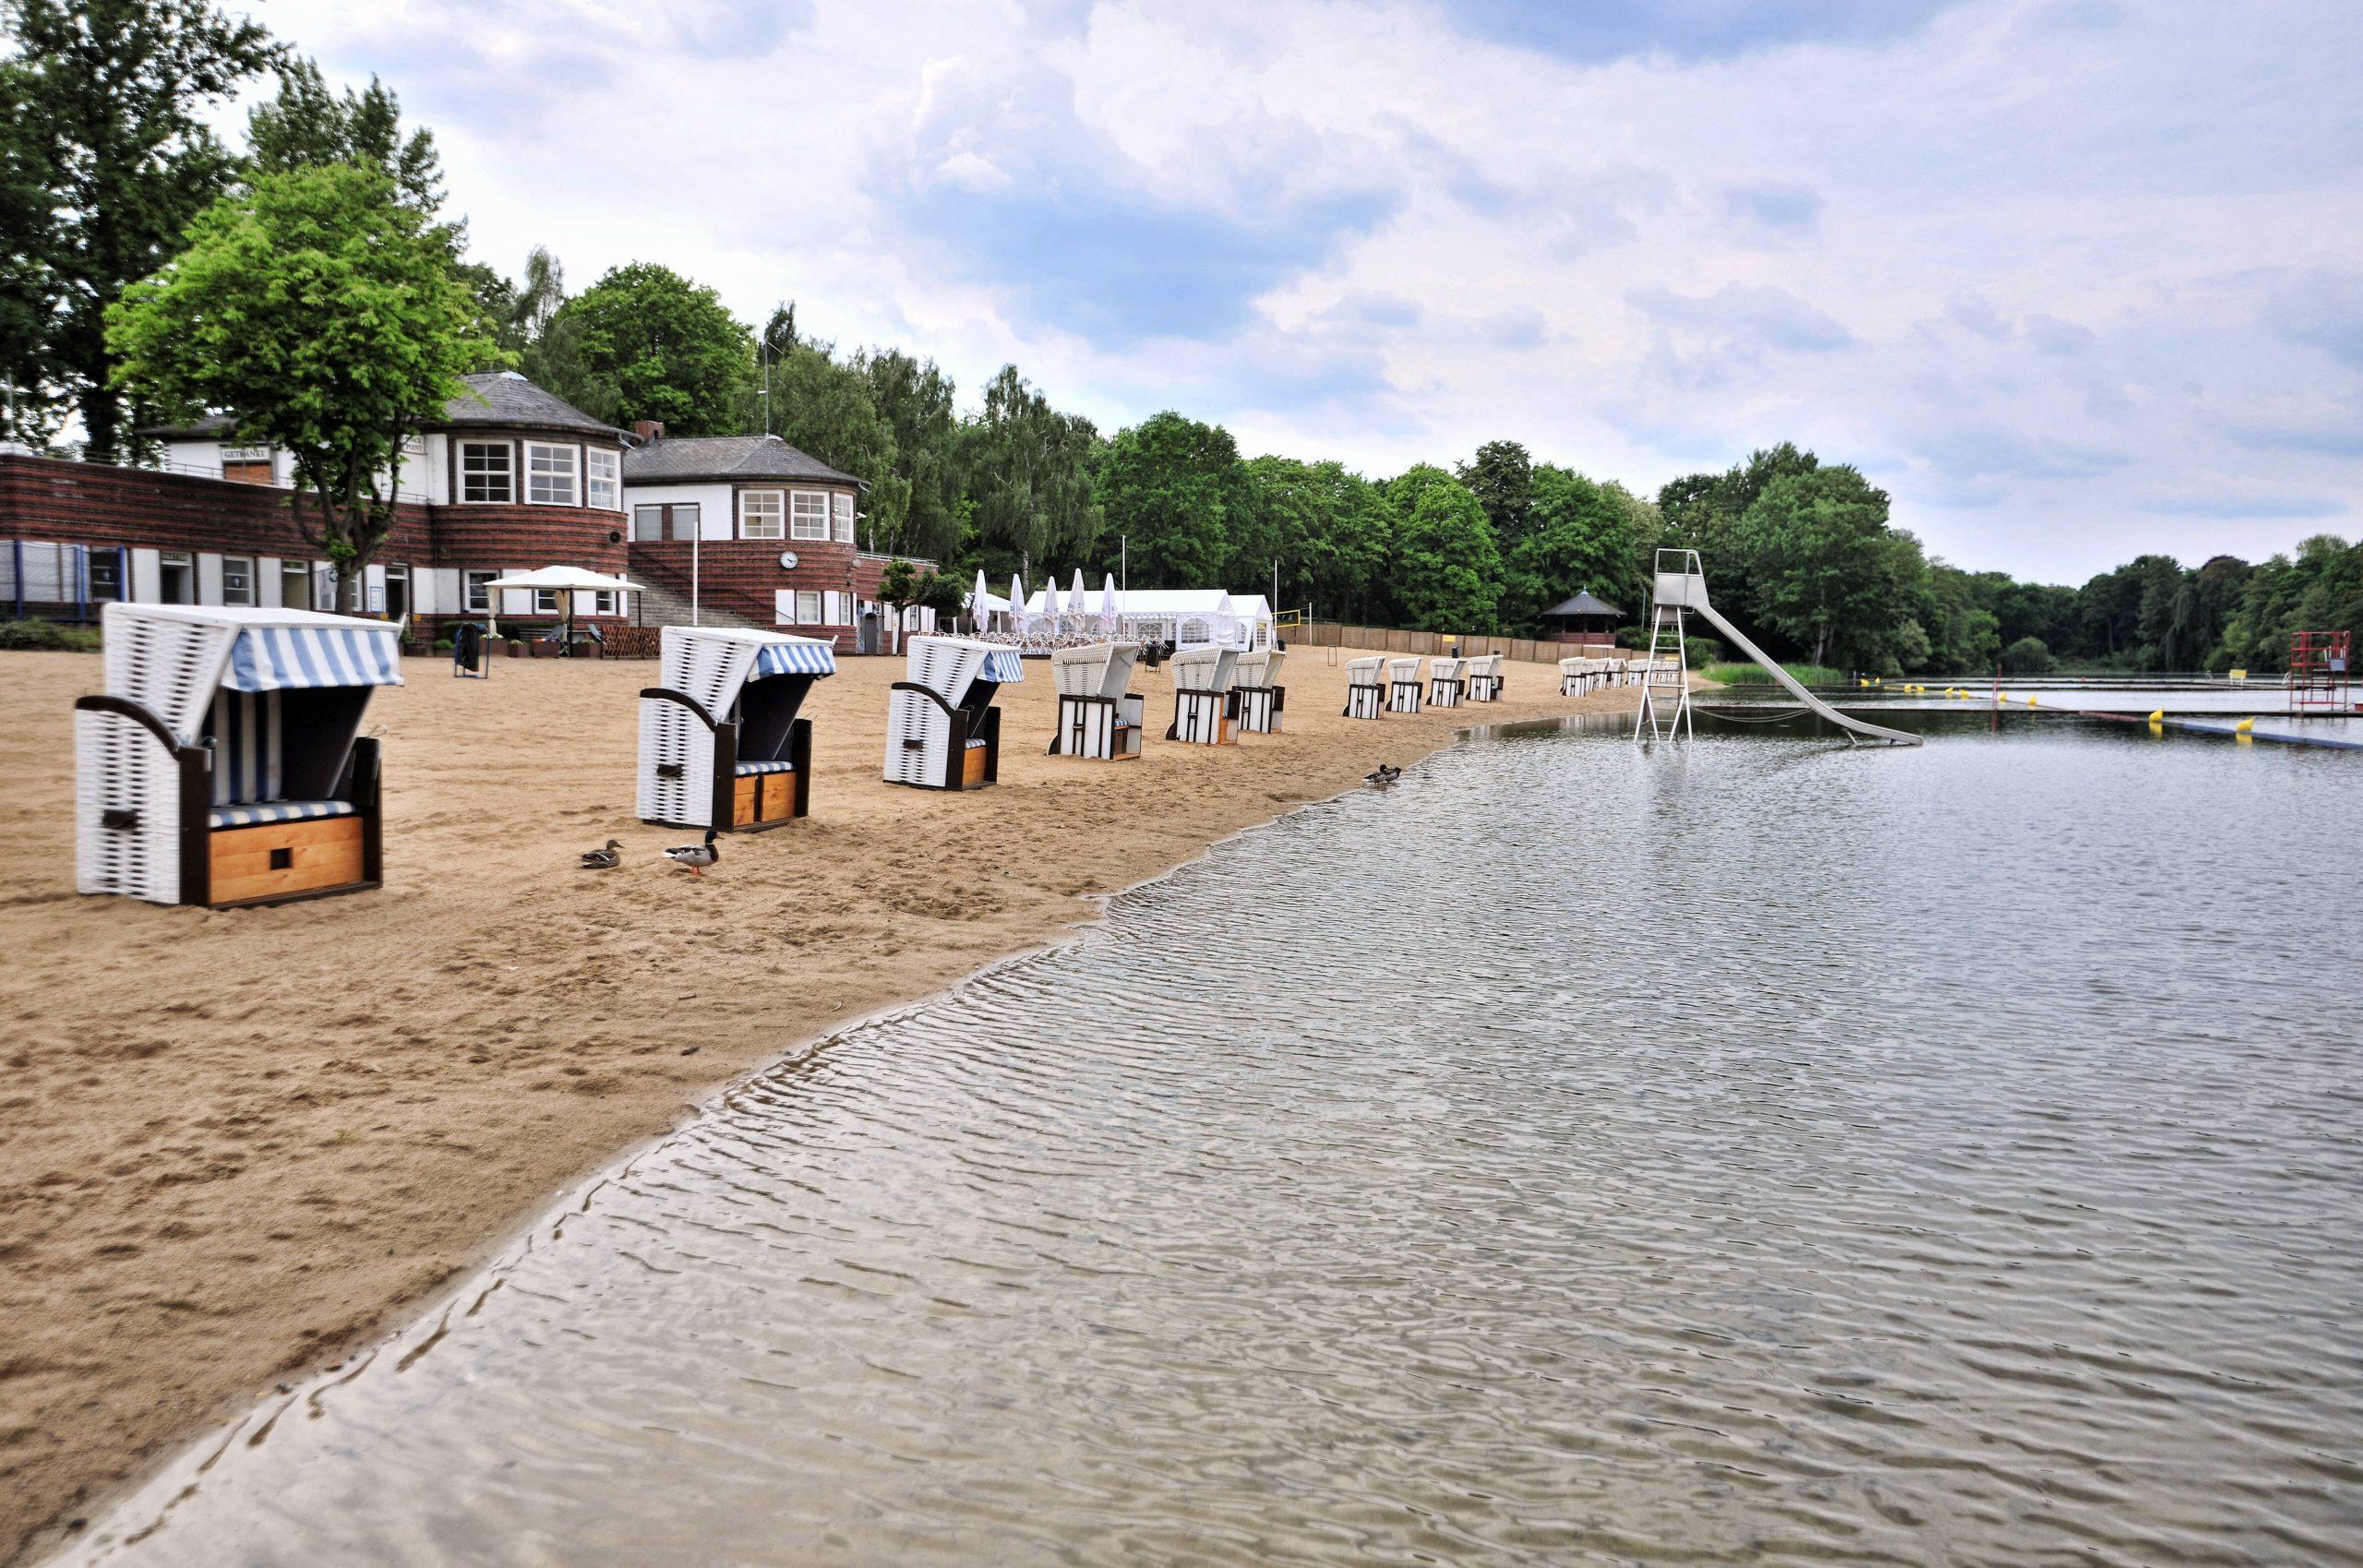 Strandfeeling und hübsche Architektur gibt es im Strandbad Plötzensee.